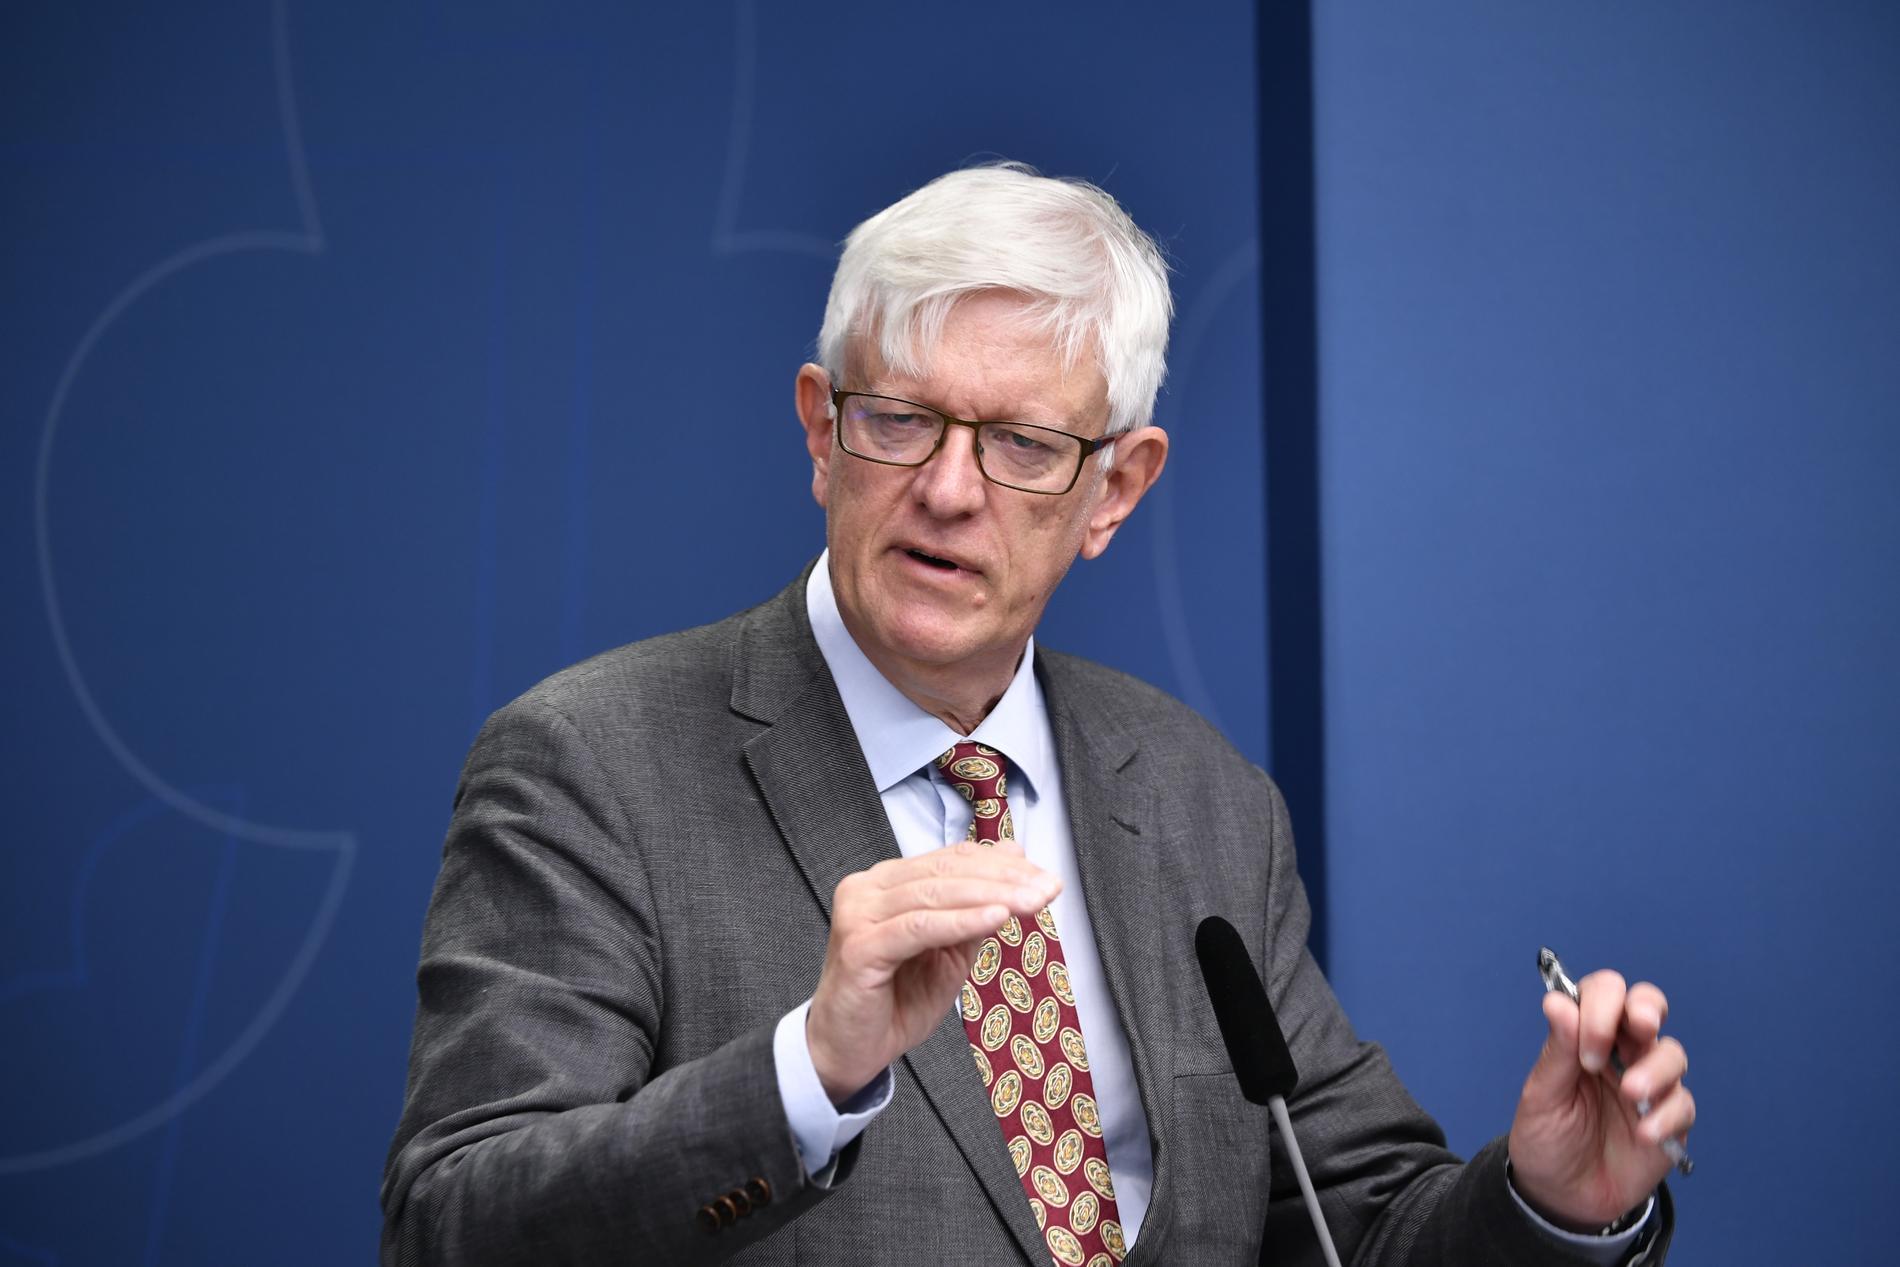 – Det gamla SMI hade inte varit i närheten att kunna hantera en pandemi som covid-19 på det sätt som görs i dag, säger Johans Carlson.